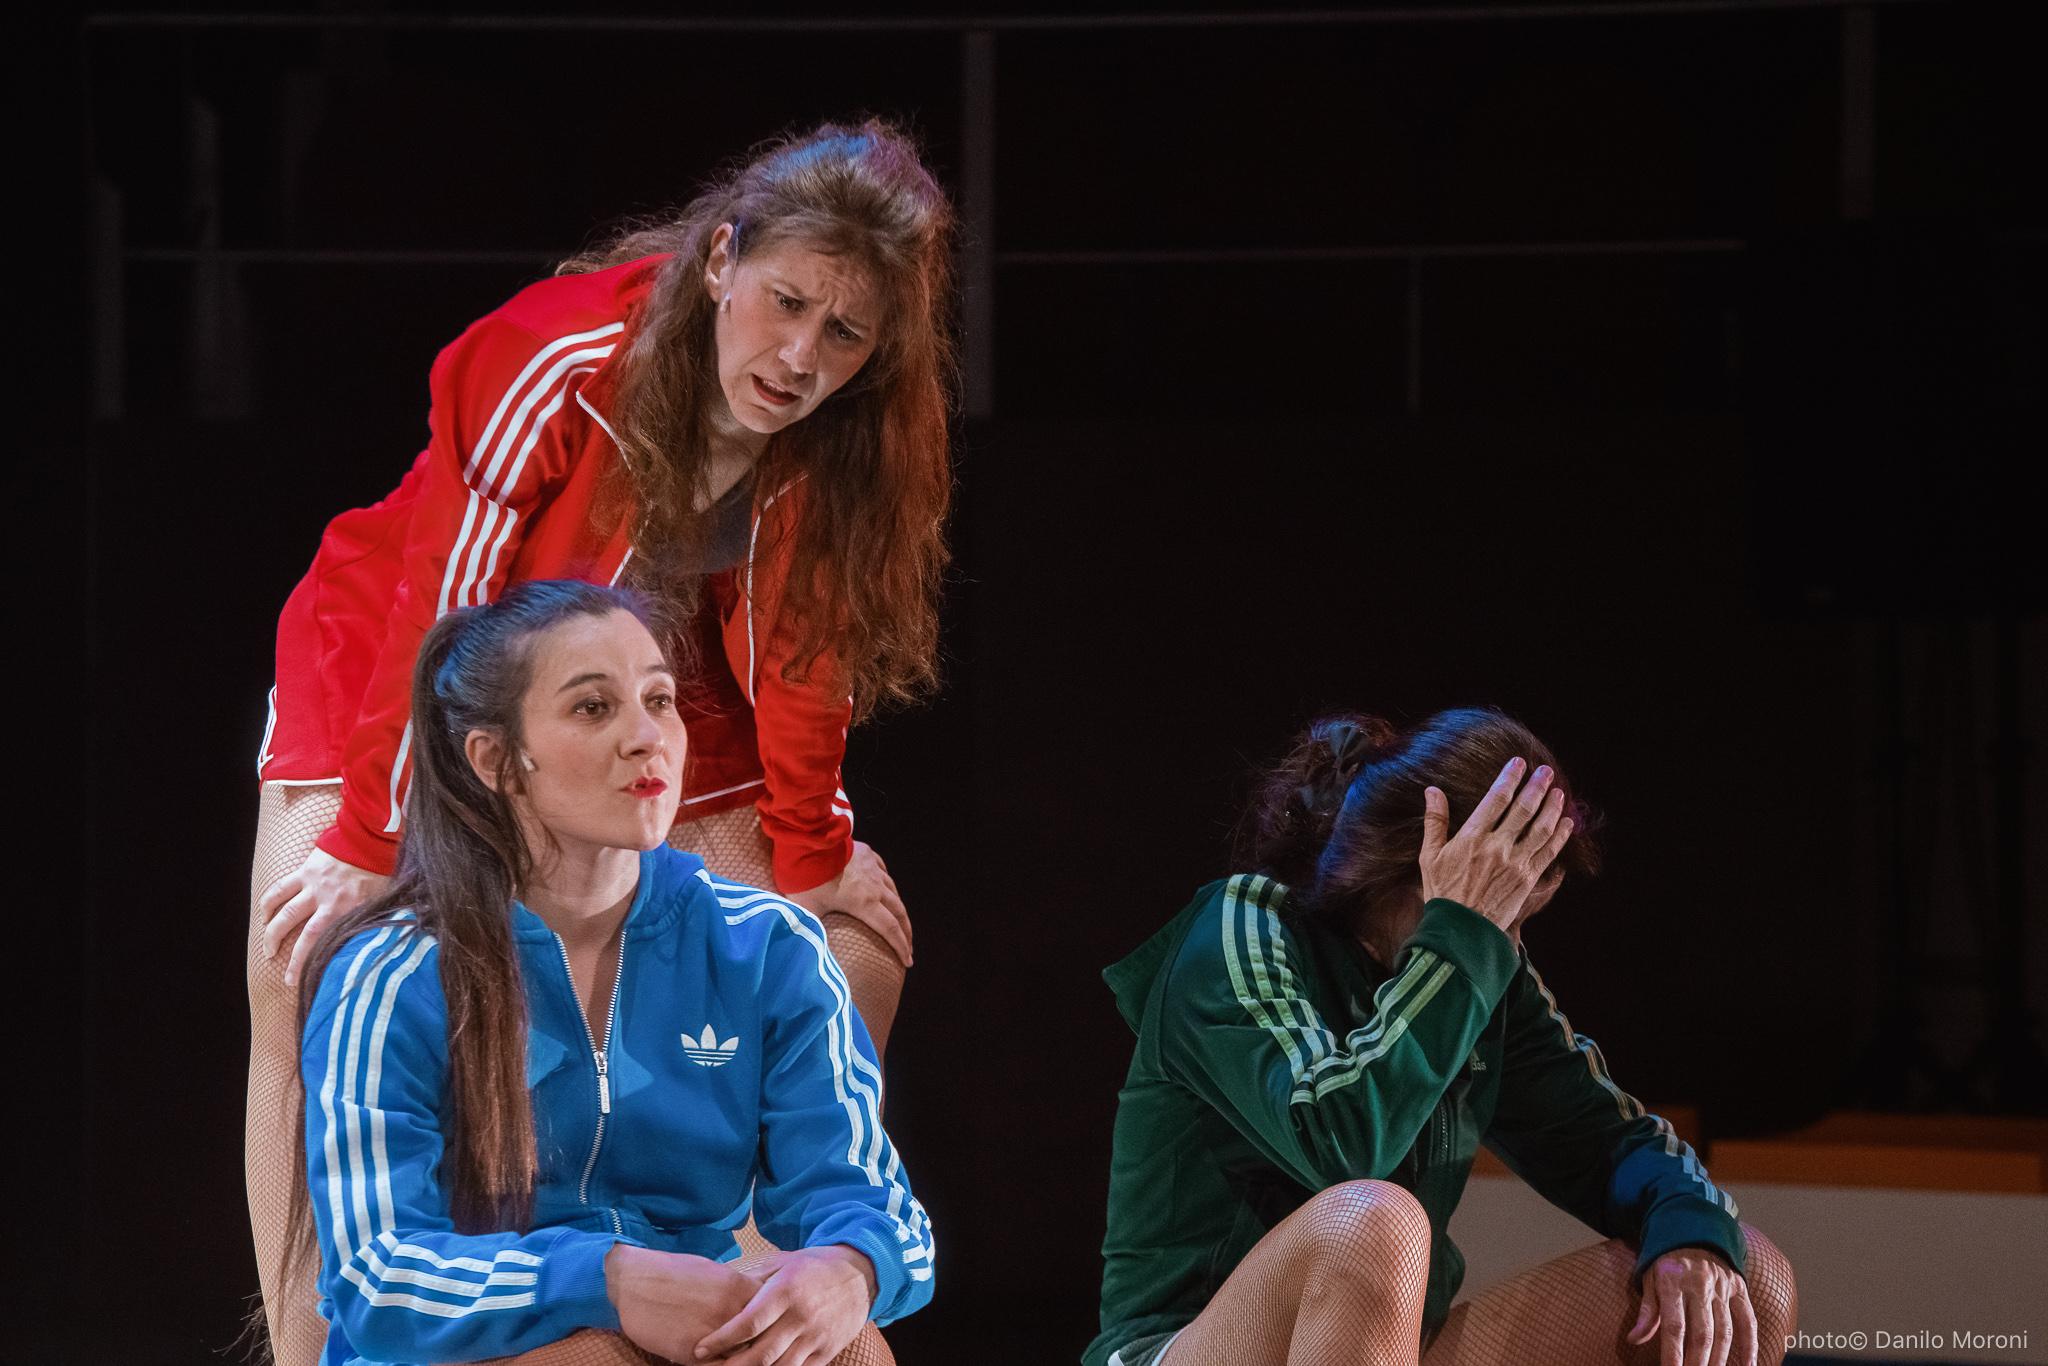 Teatro-en-vilo-Circo-Price-Miss-Mara-photo-Danilo-Moroni-241.jpg